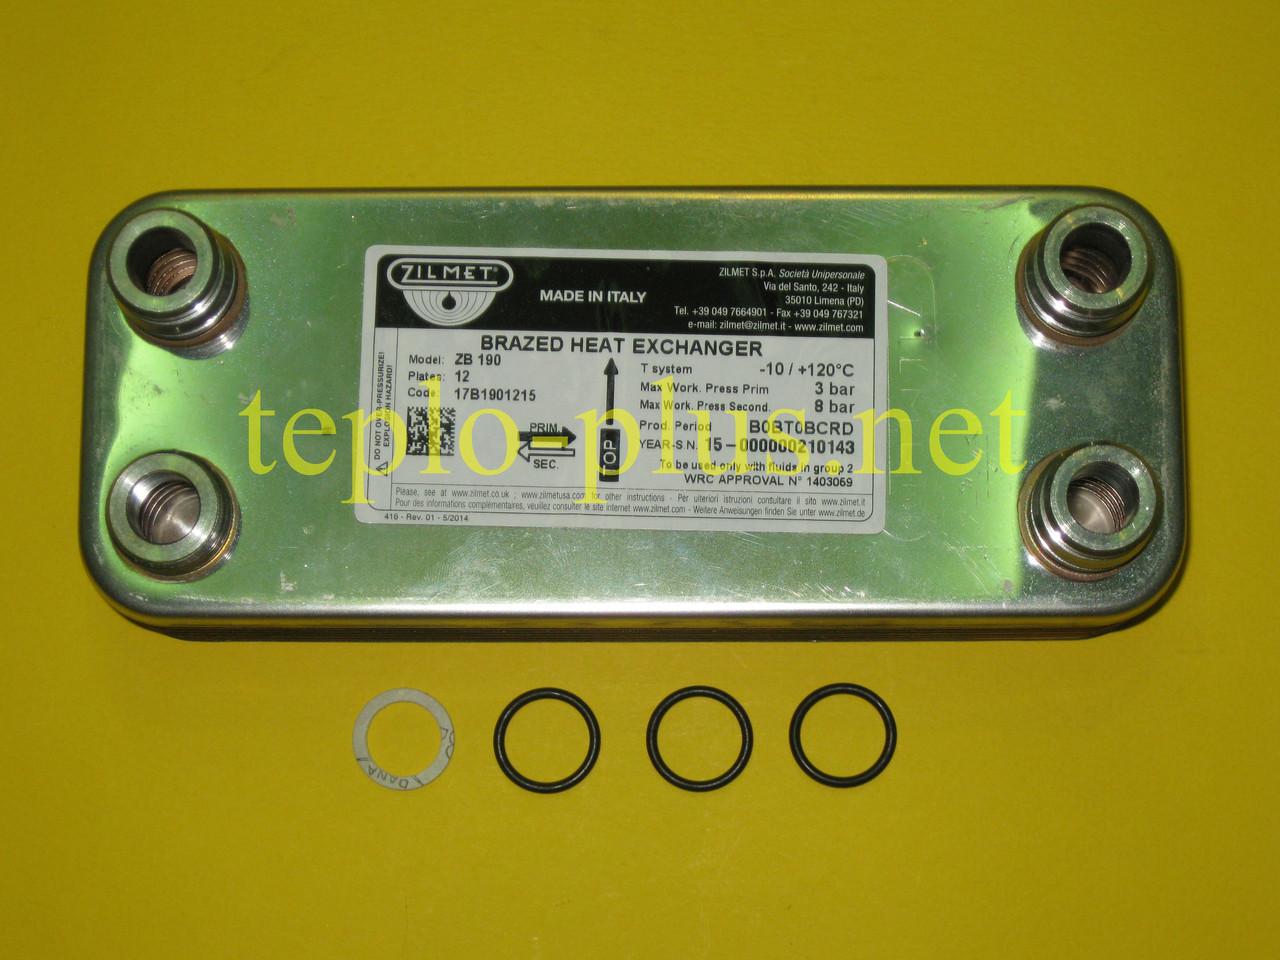 Теплообменник вторичный Zilmet (12 пластин) 065131 (17В1901215) Vaillant ATMOmax, TURBOmax Pro / Plus, фото 2